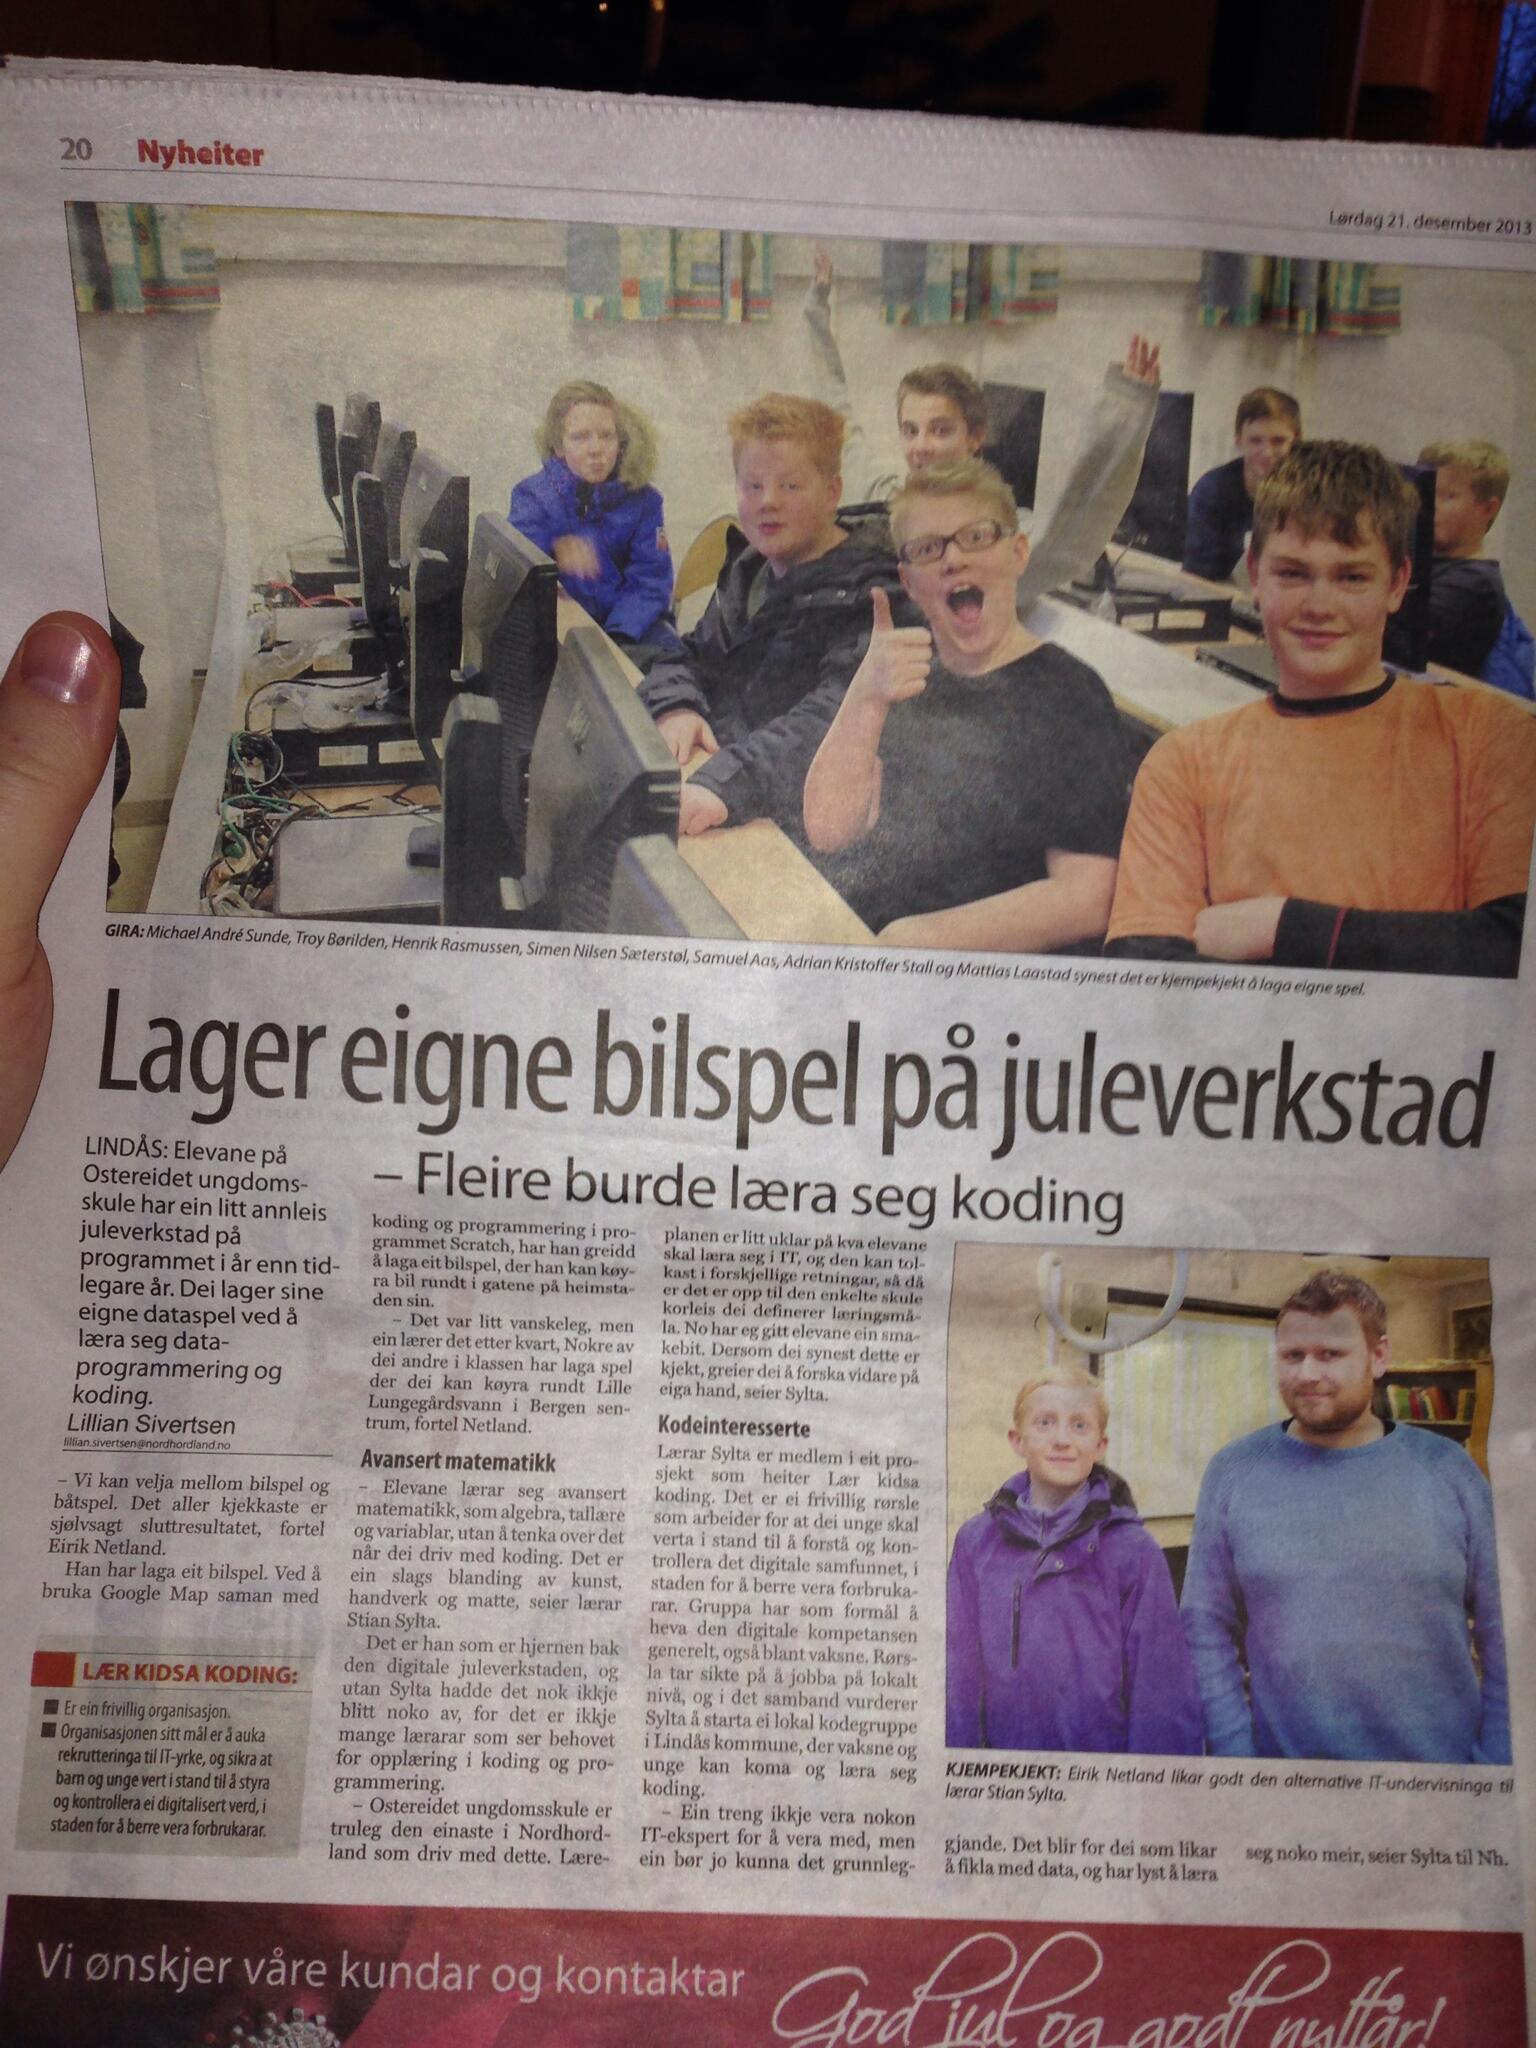 Koding på Ostereidet. Kjekt at lokalavisene bryr seg.  Fin oppsummering av #kidsakoder òg :) #lærerhverdag http://t.co/9j3CRlIYkM